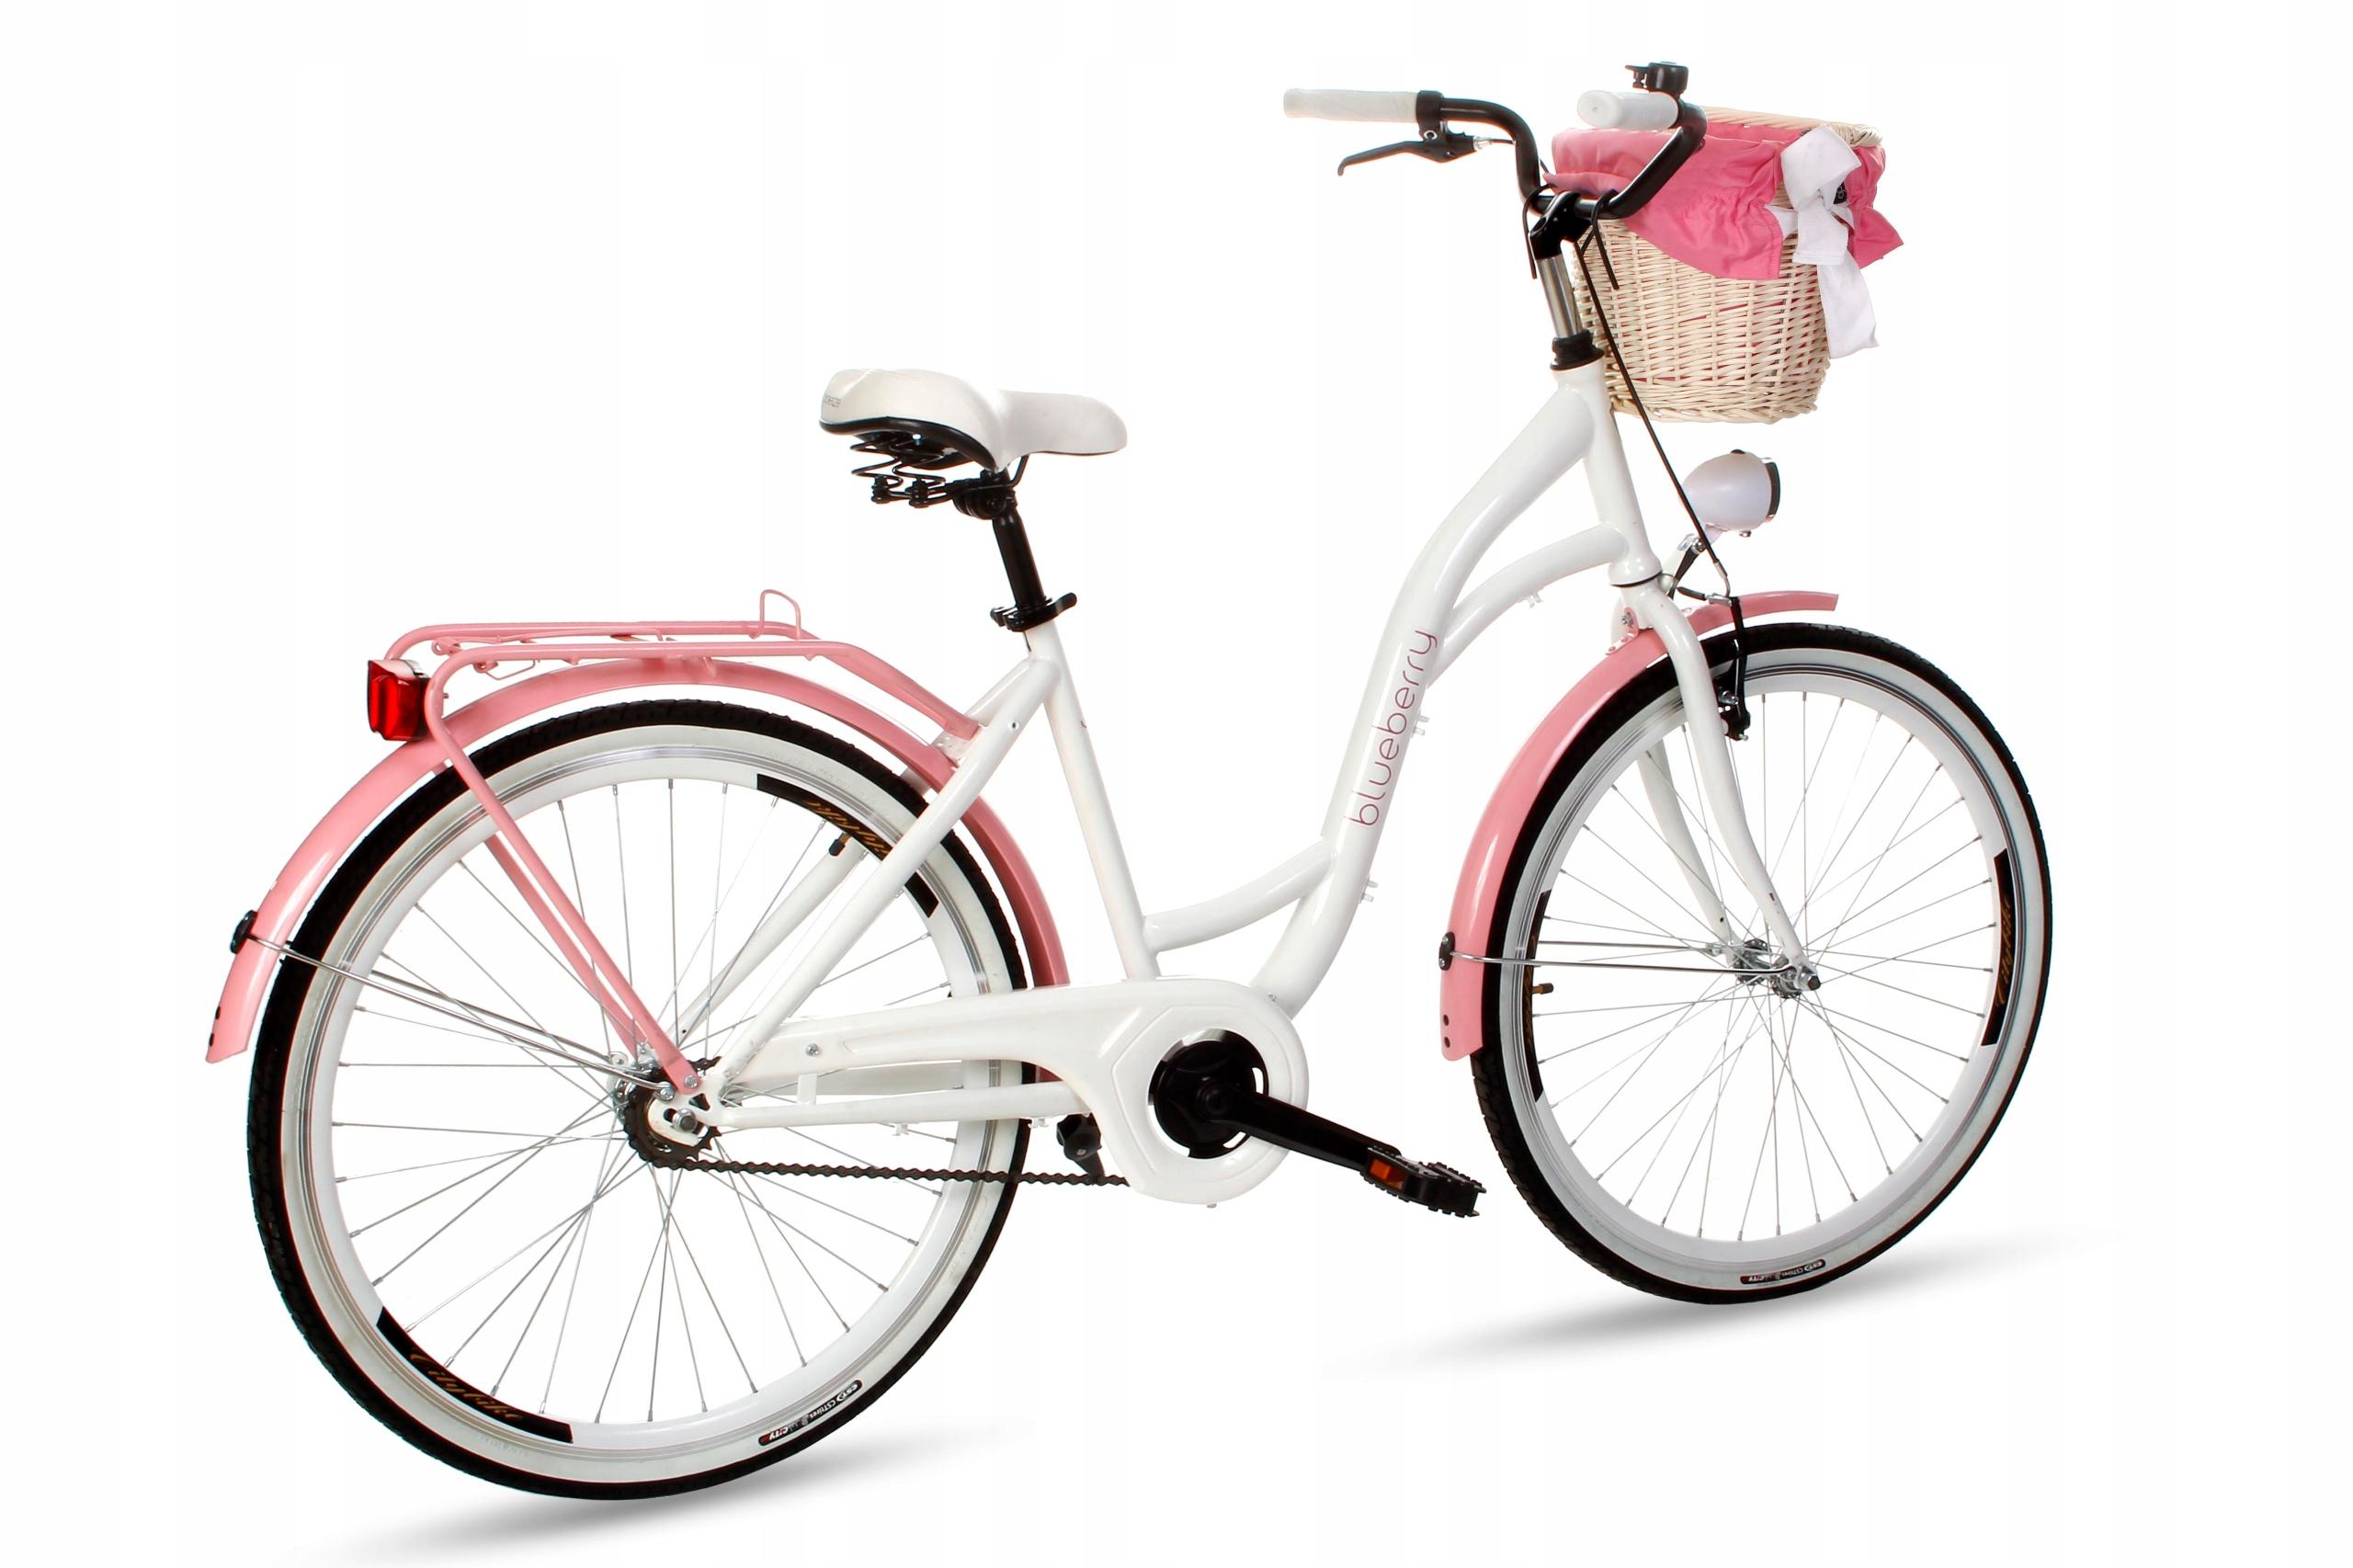 Dámsky mestský bicykel Goetze BLUEBERRY 26 košík!  Značka Goetze